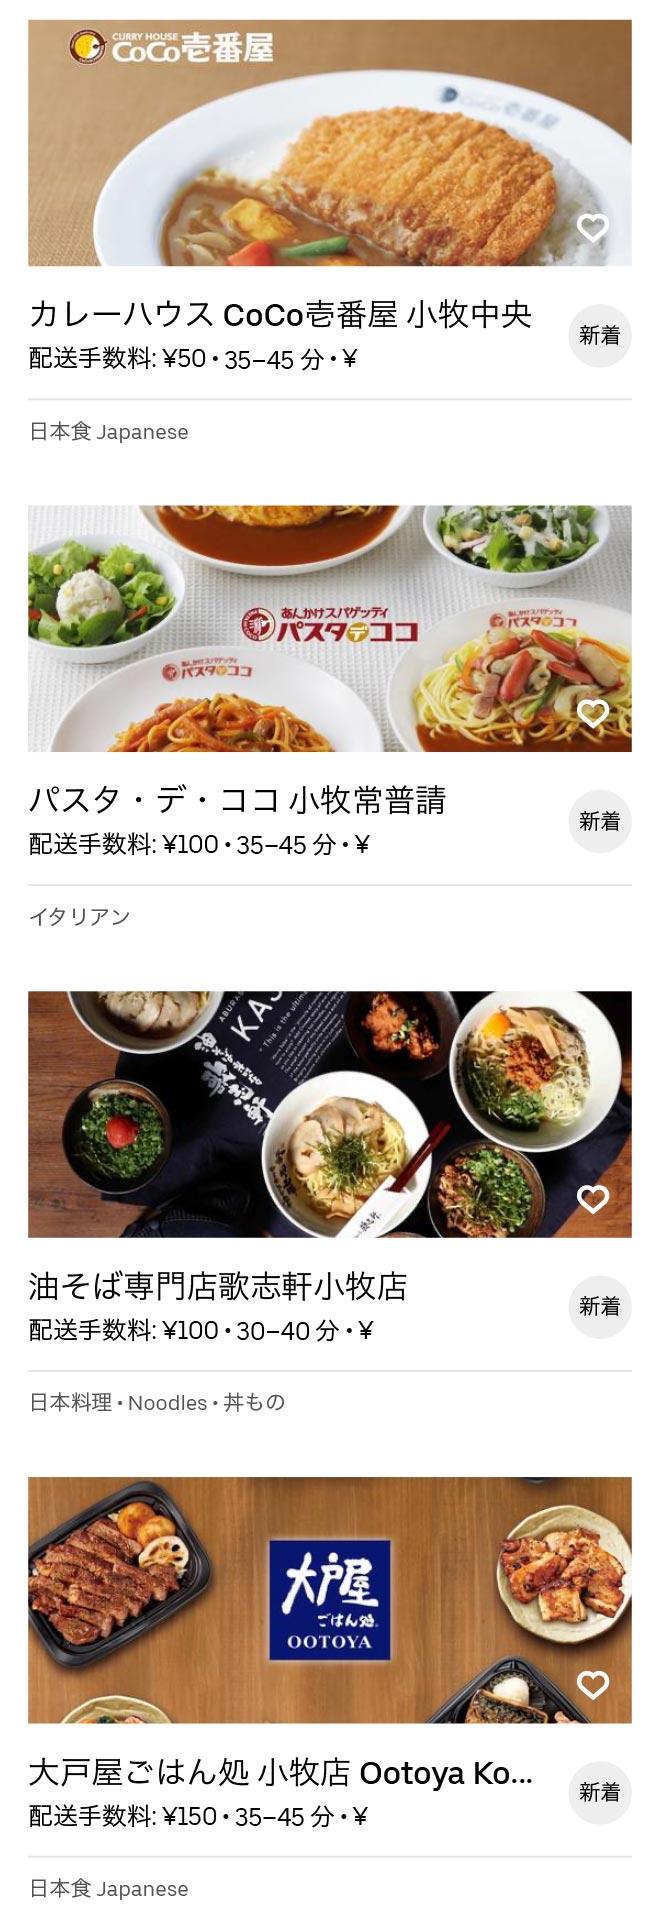 Komaki menu 2008 1